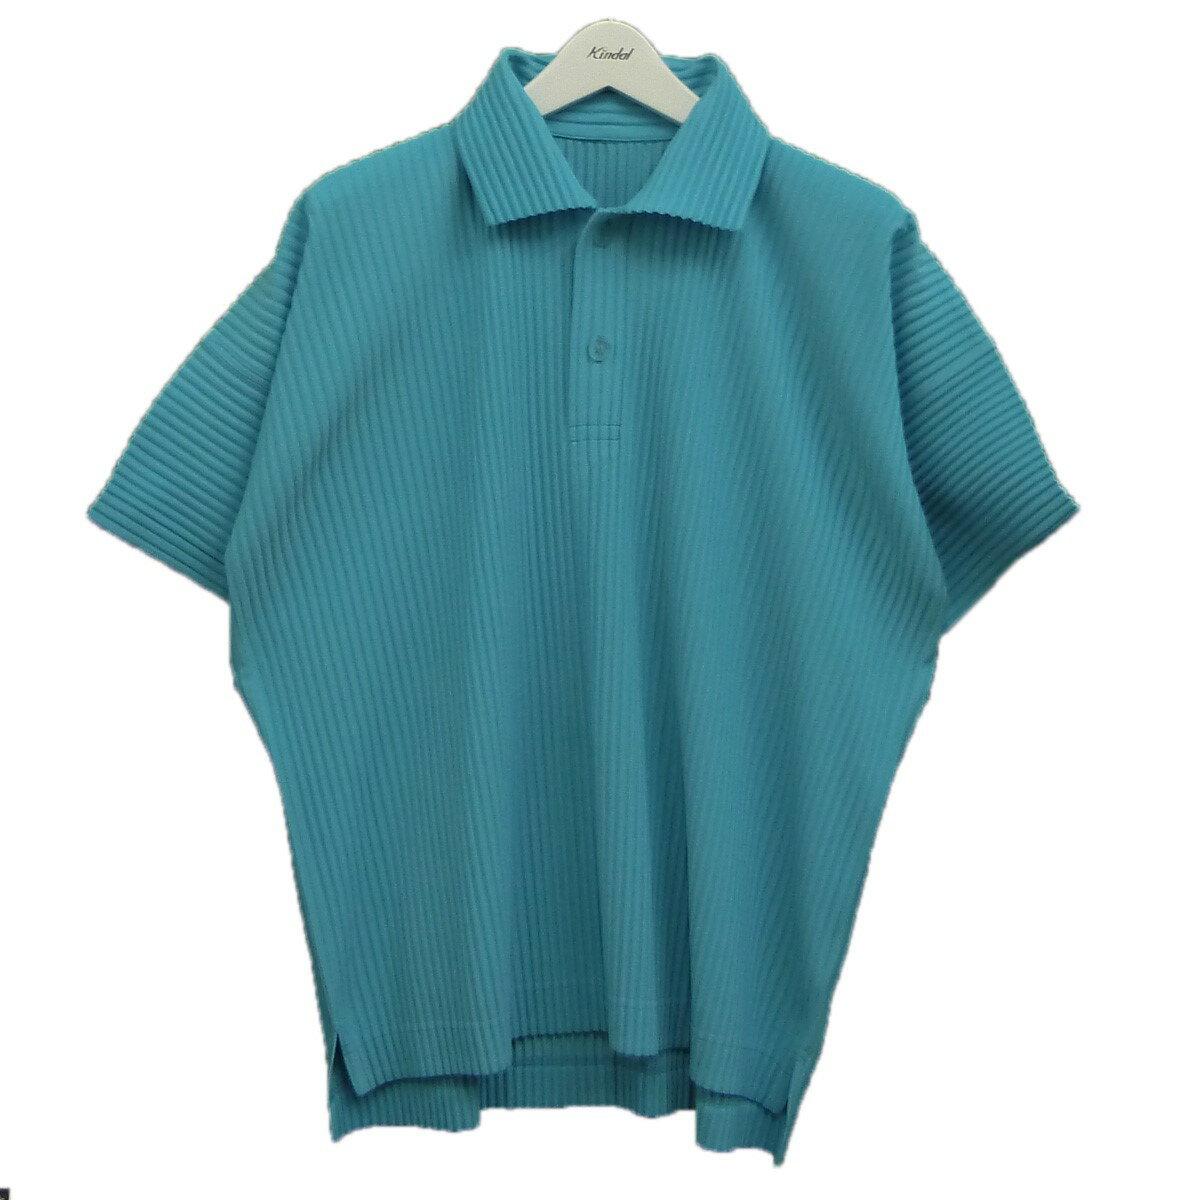 トップス, ポロシャツ HOMME PLISSE ISSEY MIYAKE 20SS 2 261020